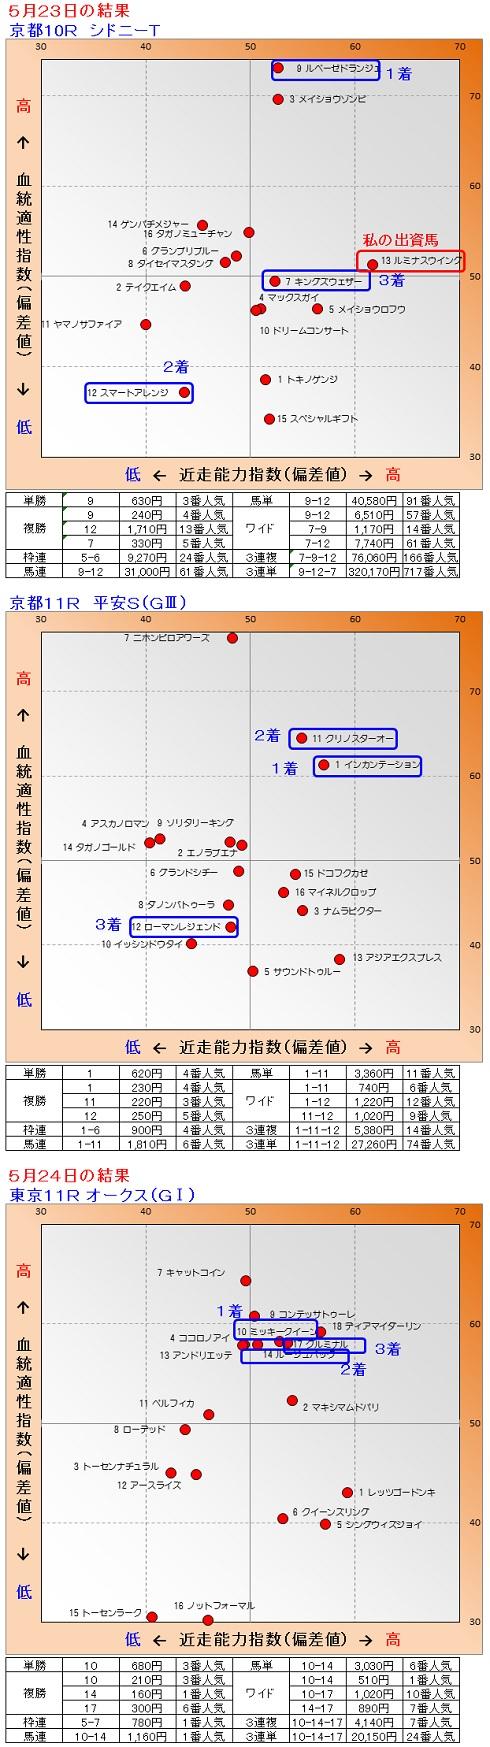 2015-05-2324結果